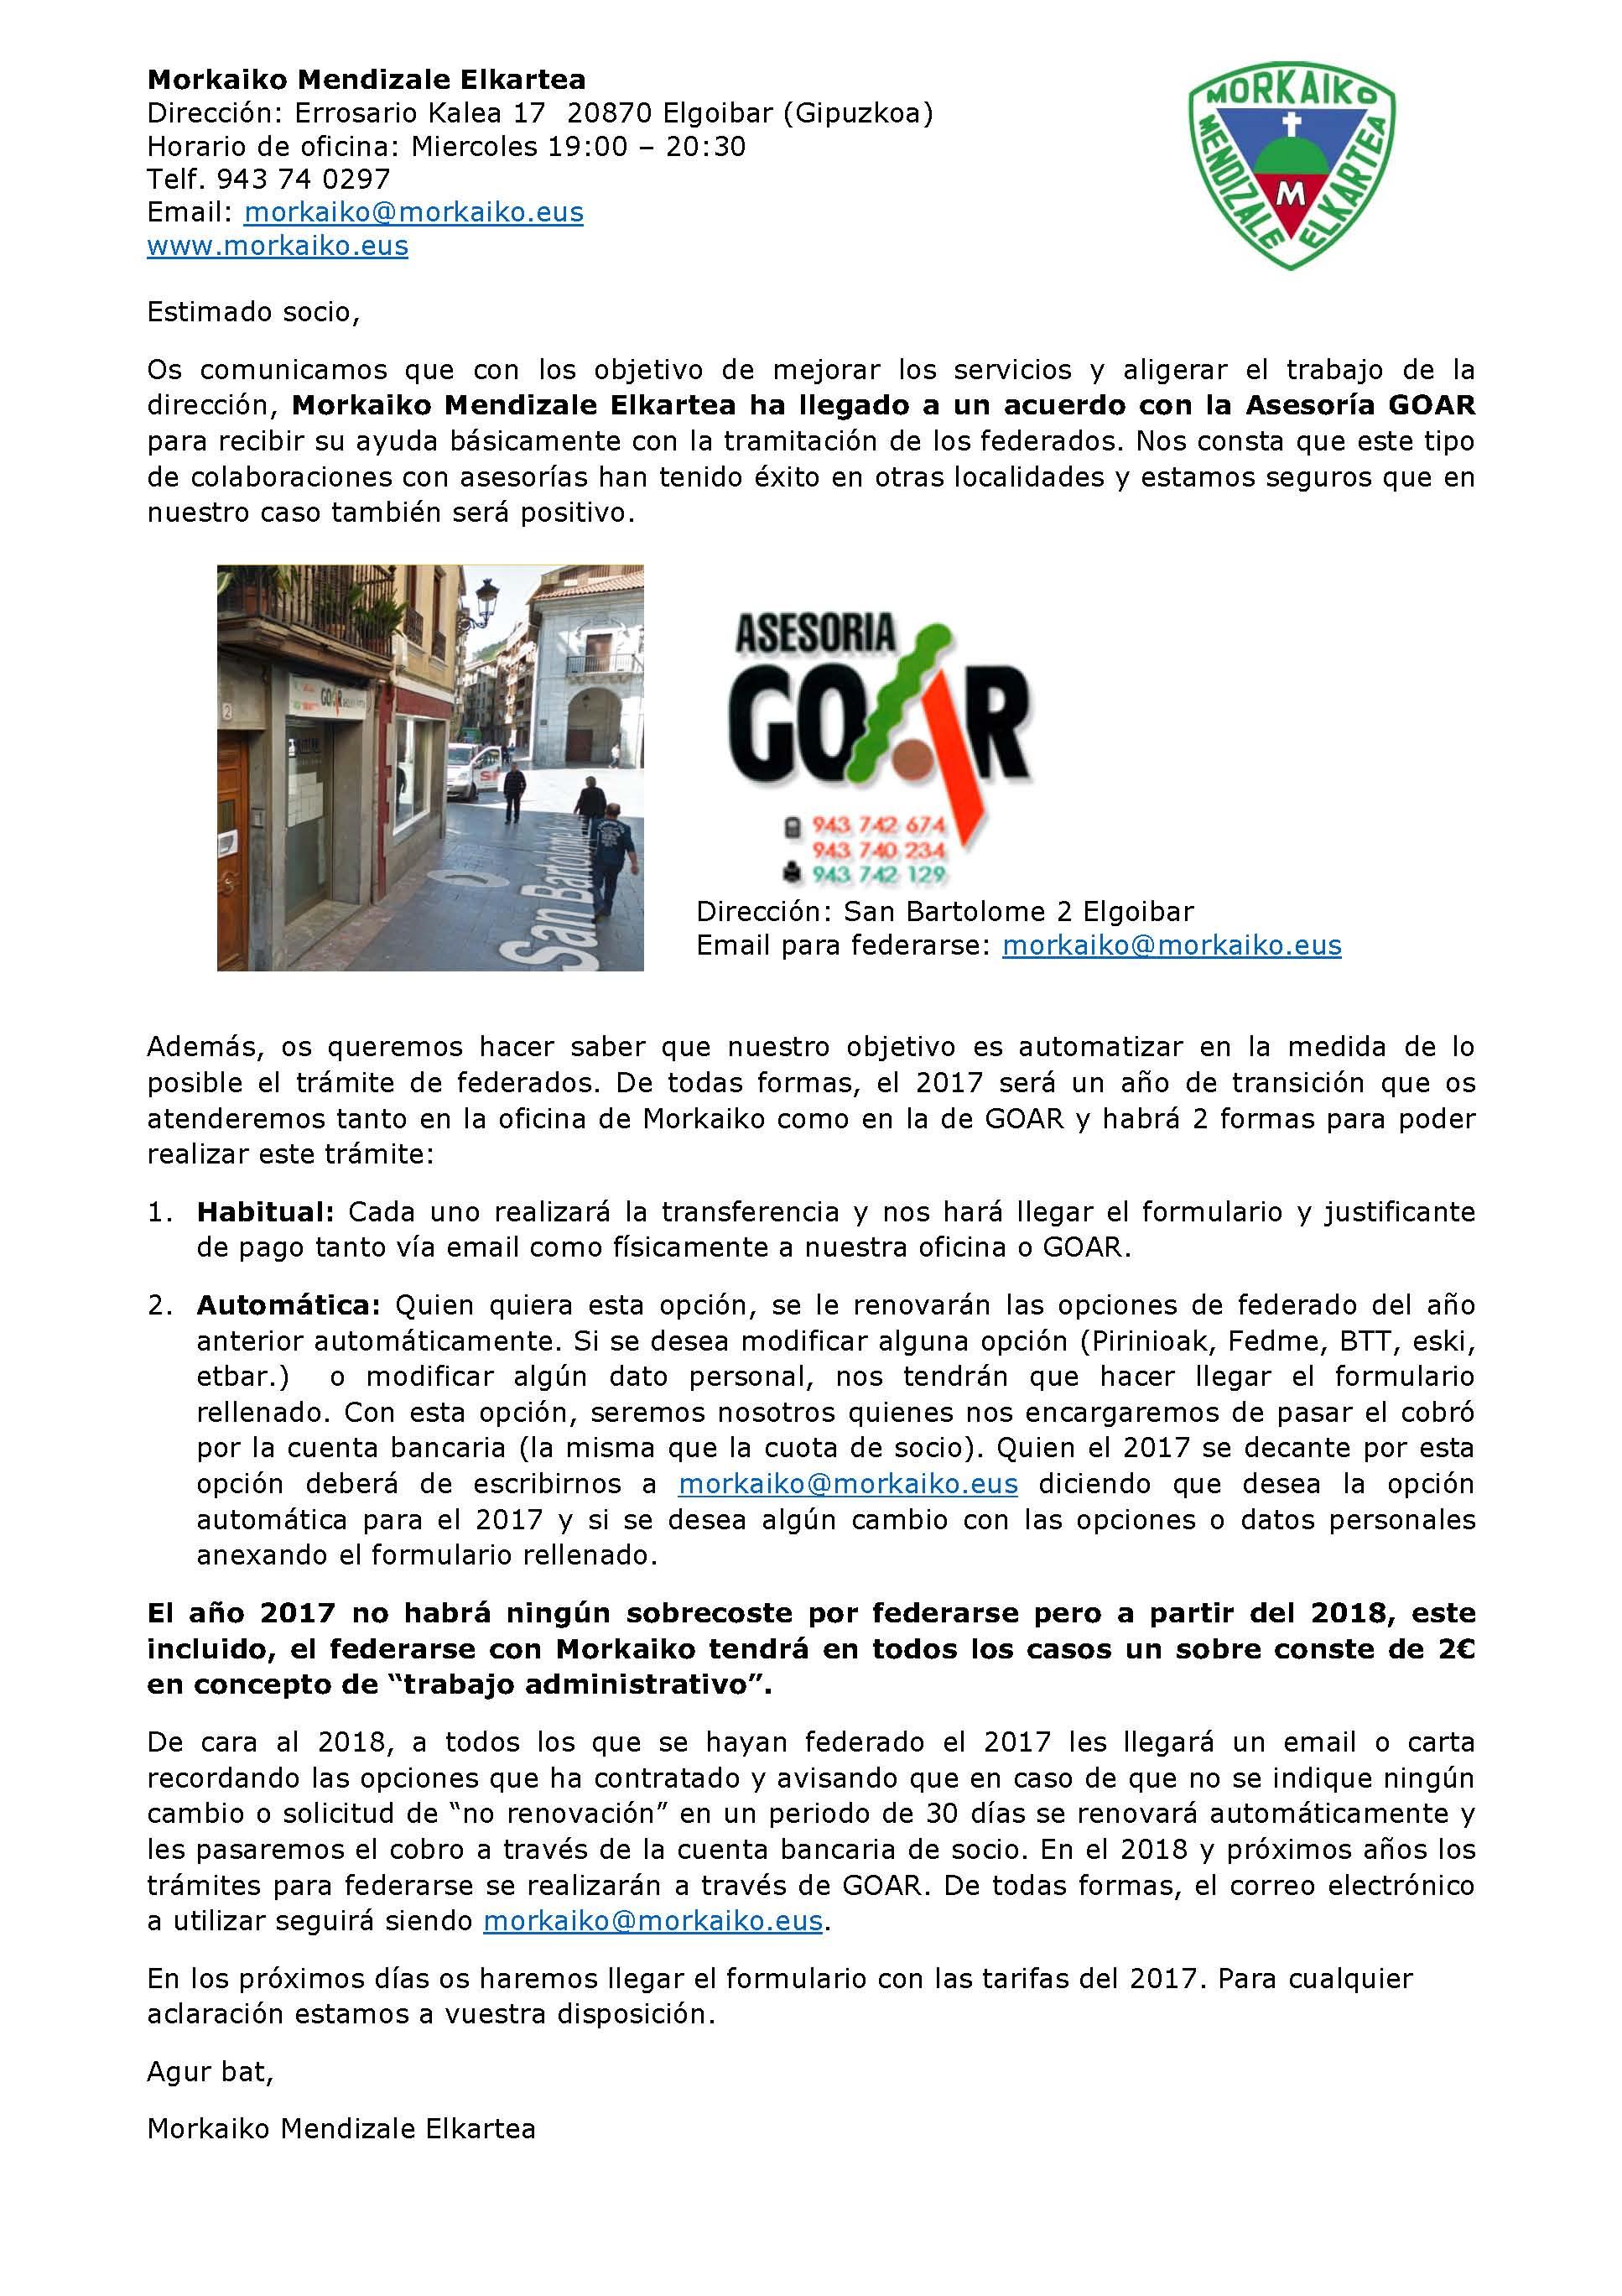 2016-11-8-acuerdo-morkaiko-goar-y-objetivo-automatizacion-de-federados